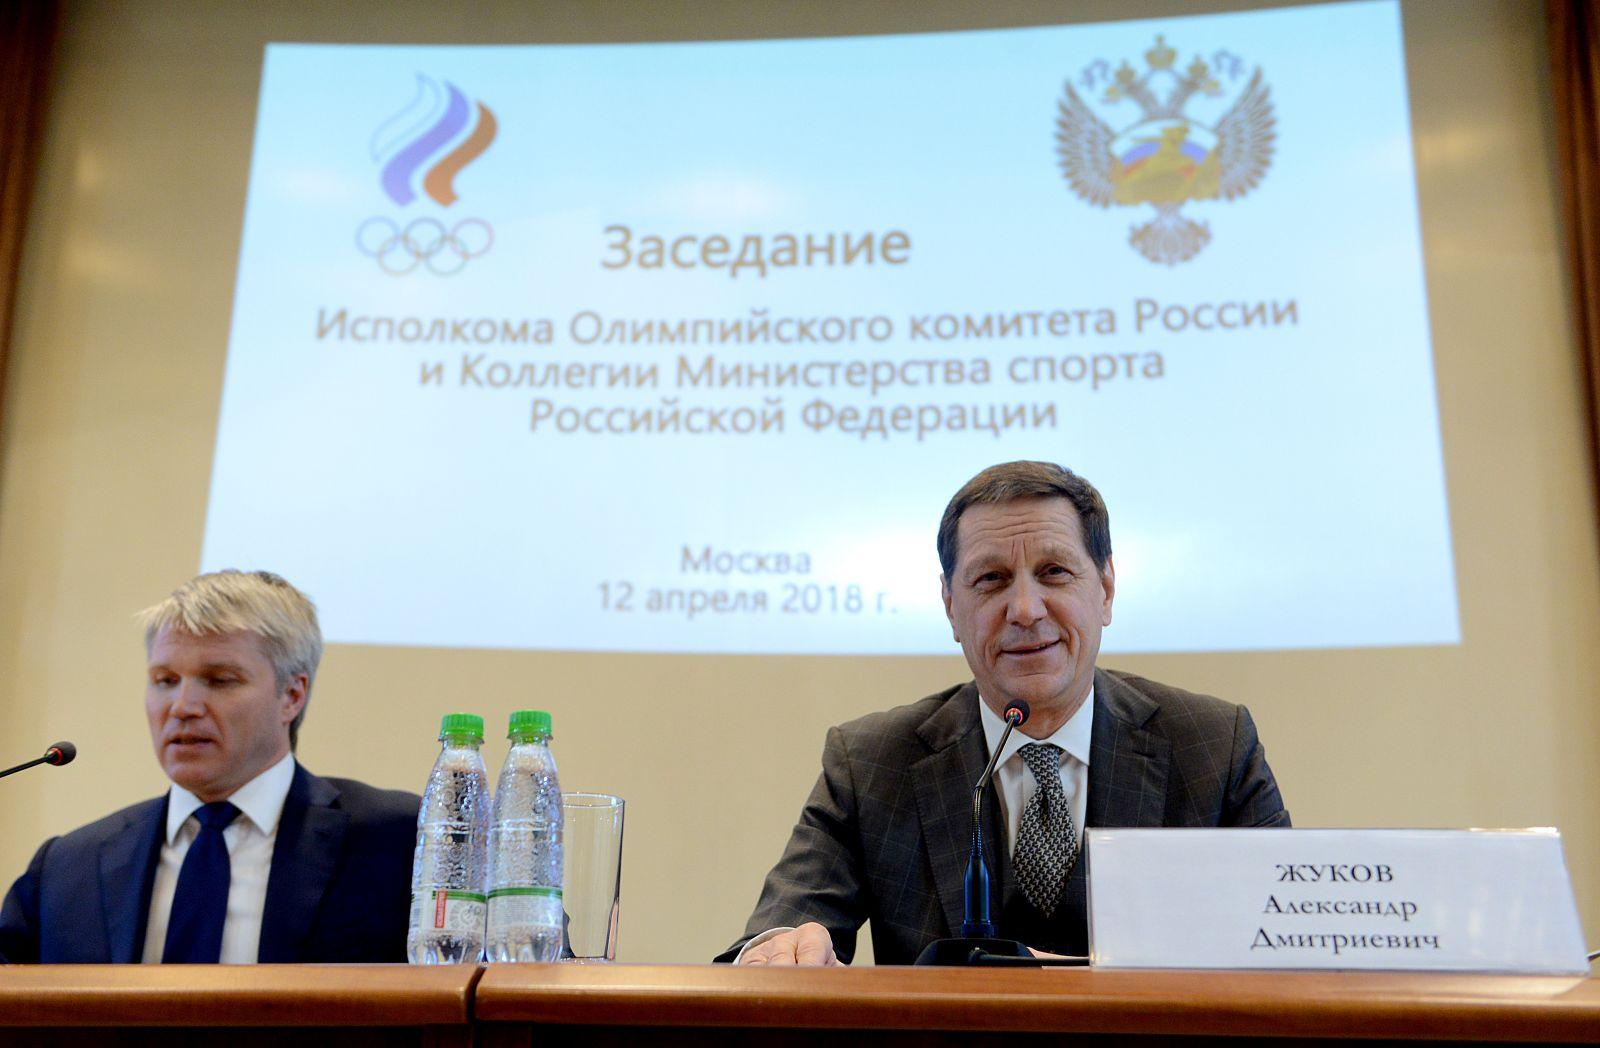 В.П. Лукин, А.А. Строкин в офисе ОКР приняли участие в совместном заседании Исполкома ОКР и Коллегии Минспорта России